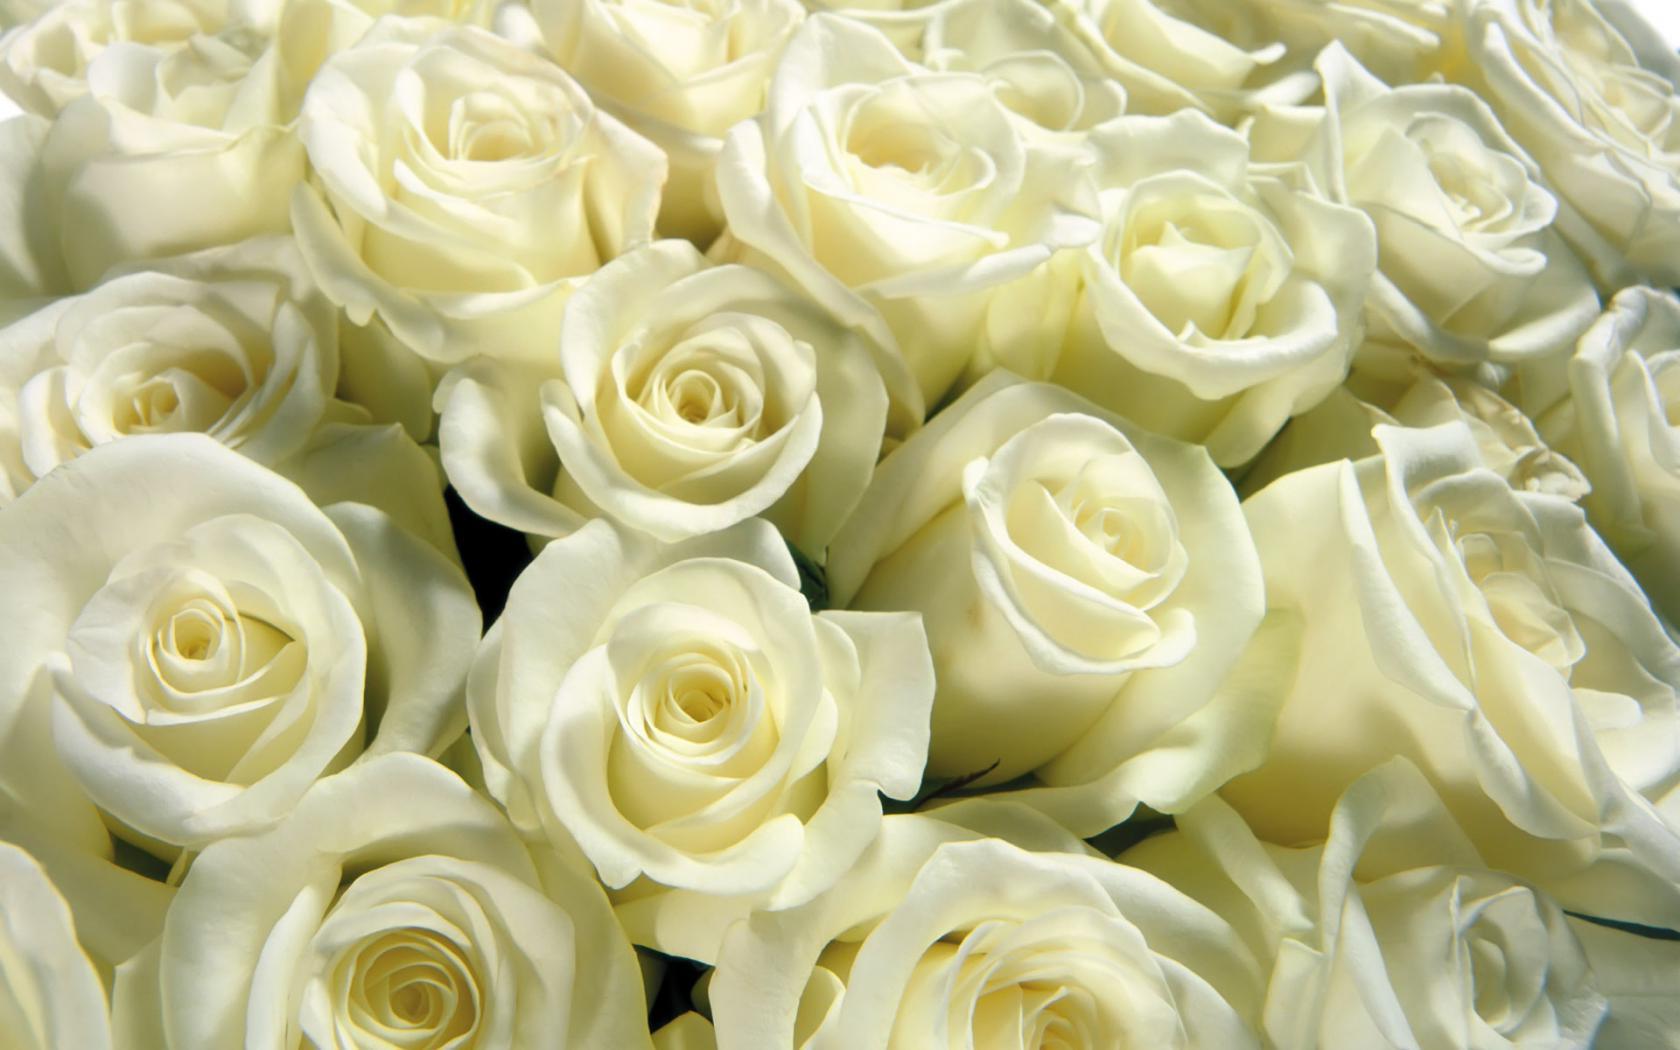 Цветы розы красивые белые